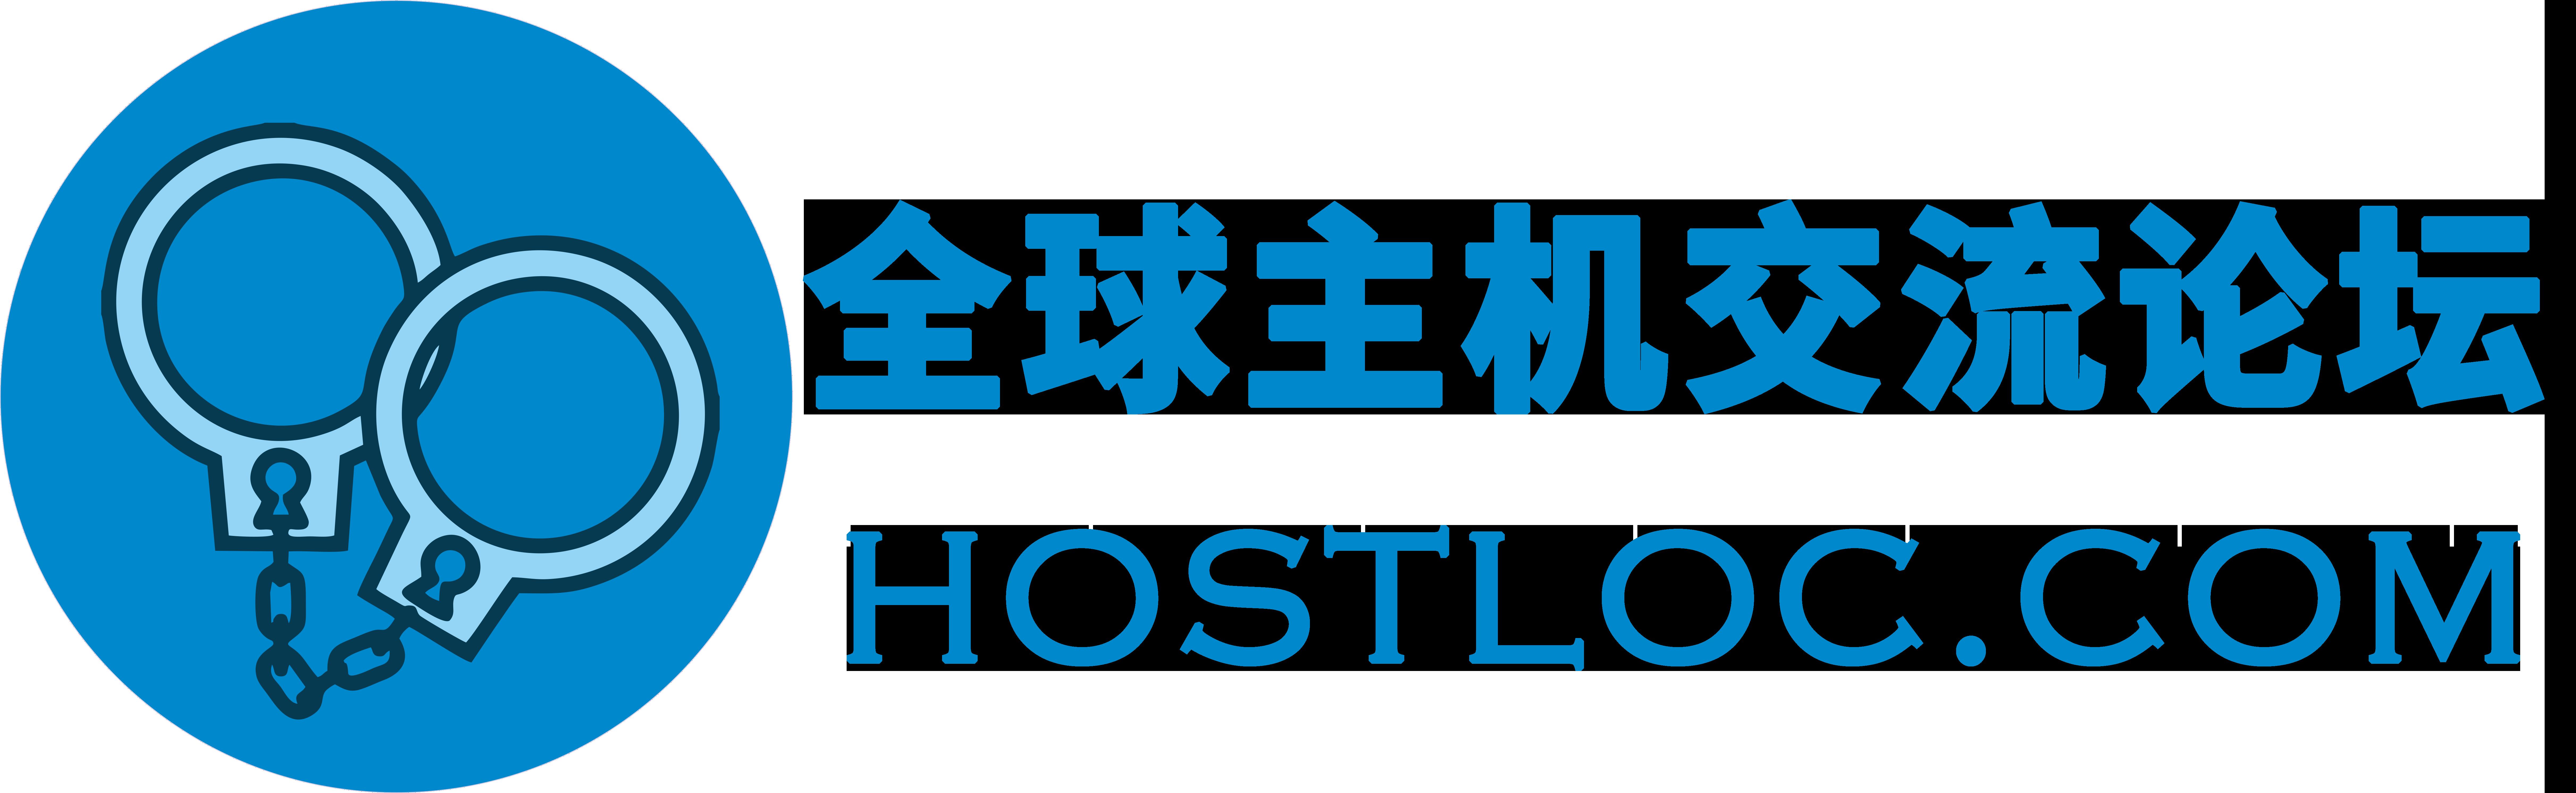 今日份Hostloc邀请码